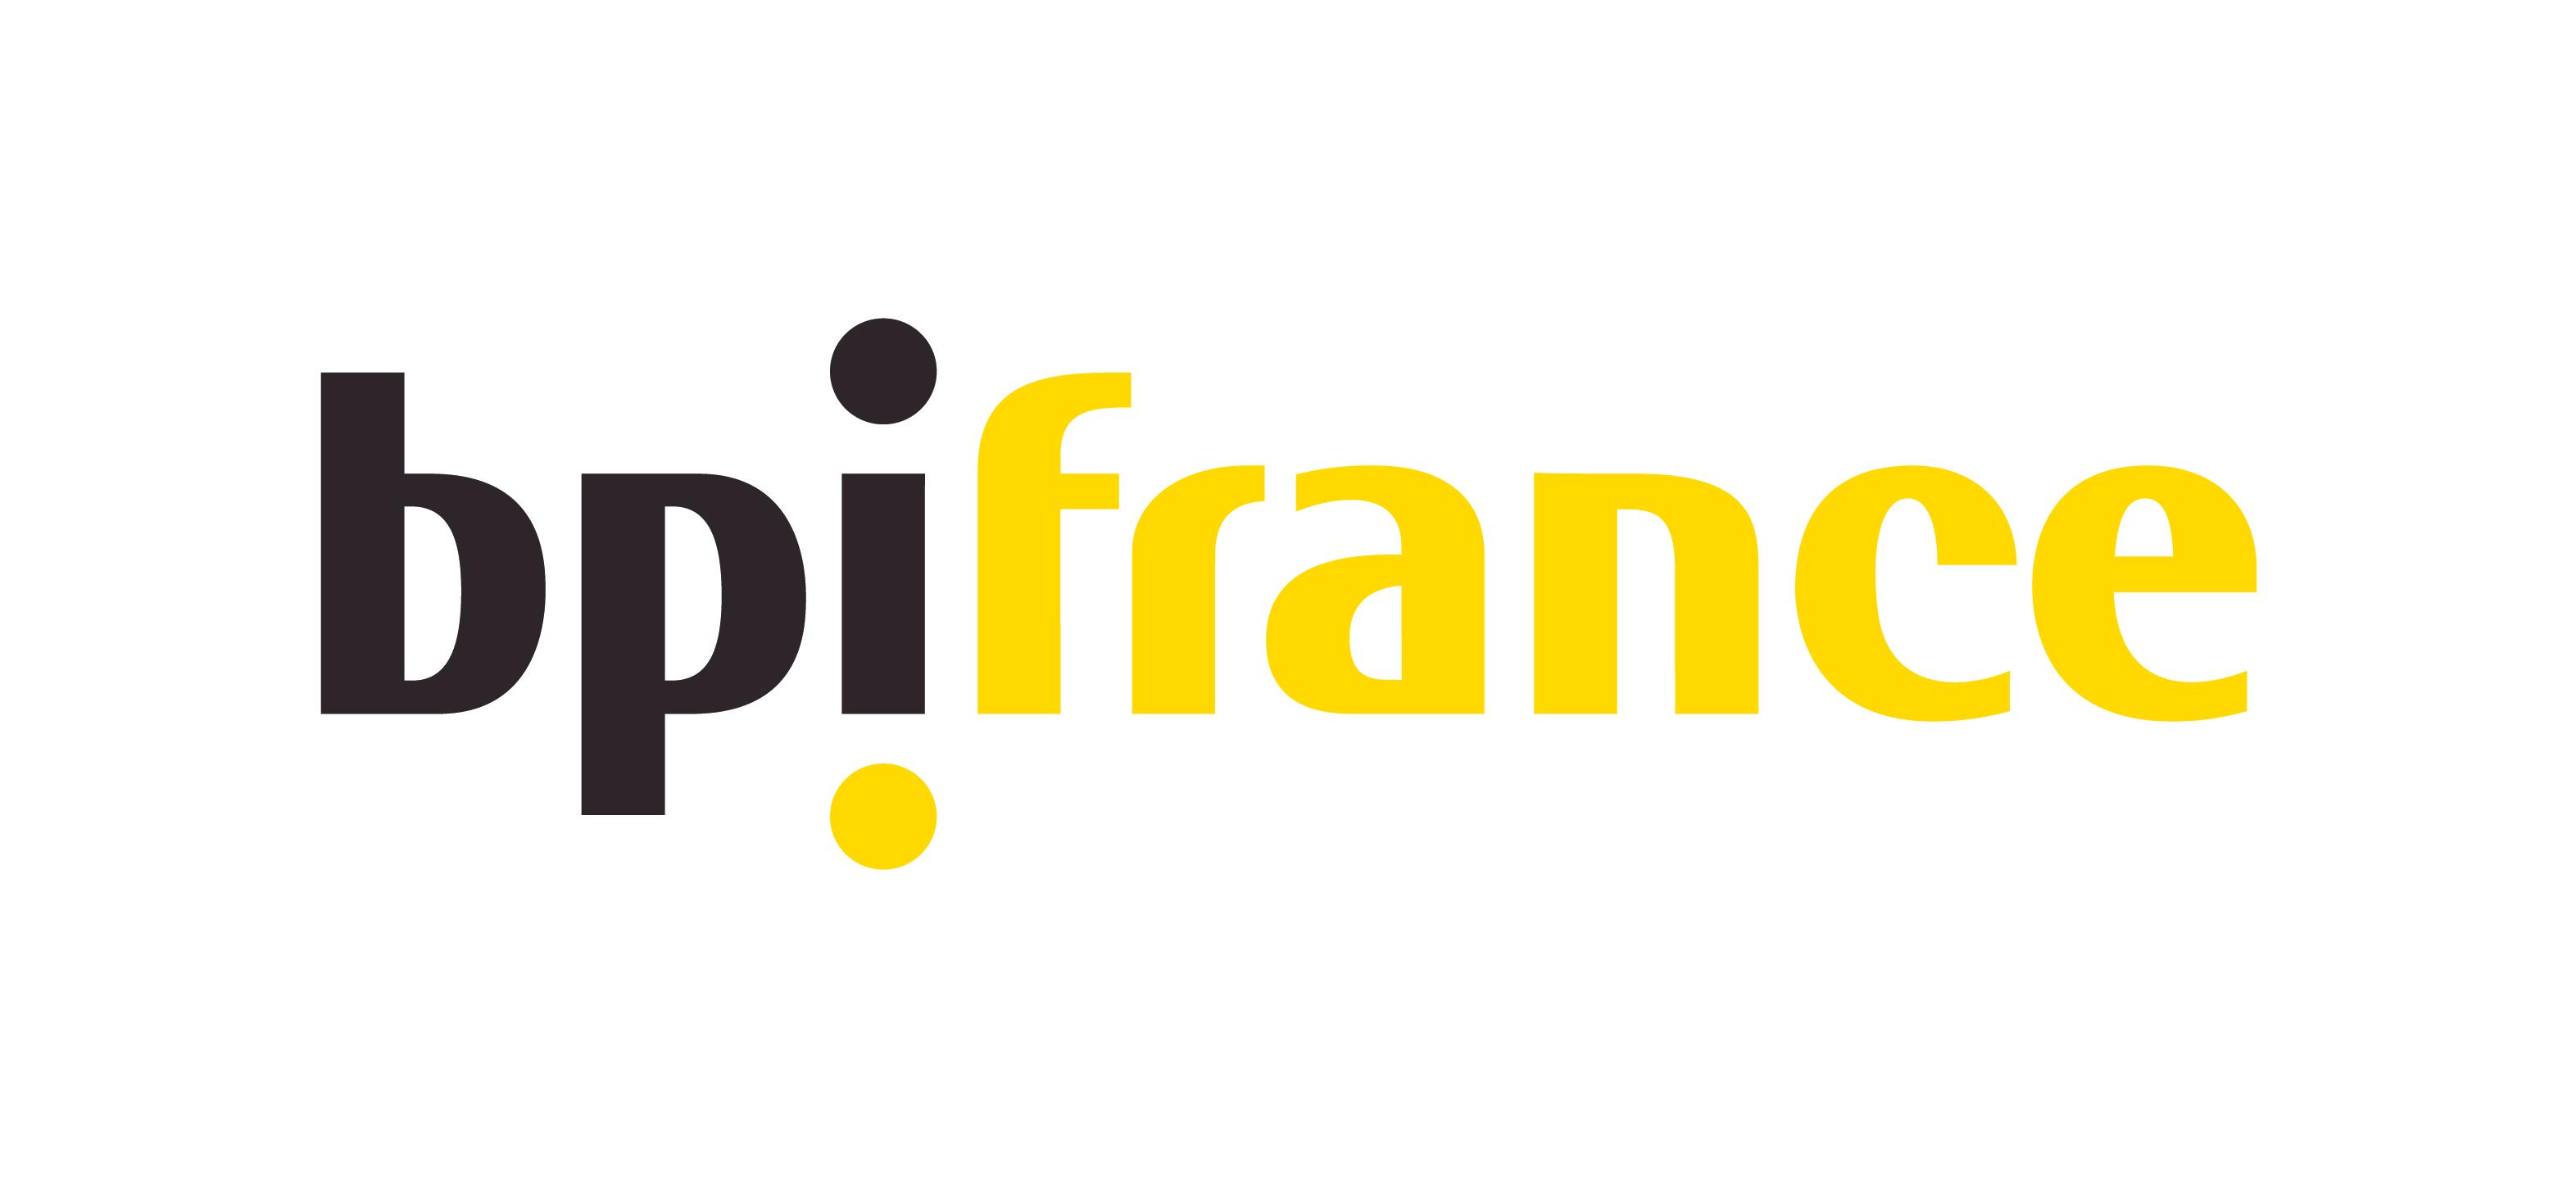 Télephone information entreprise  BPI France